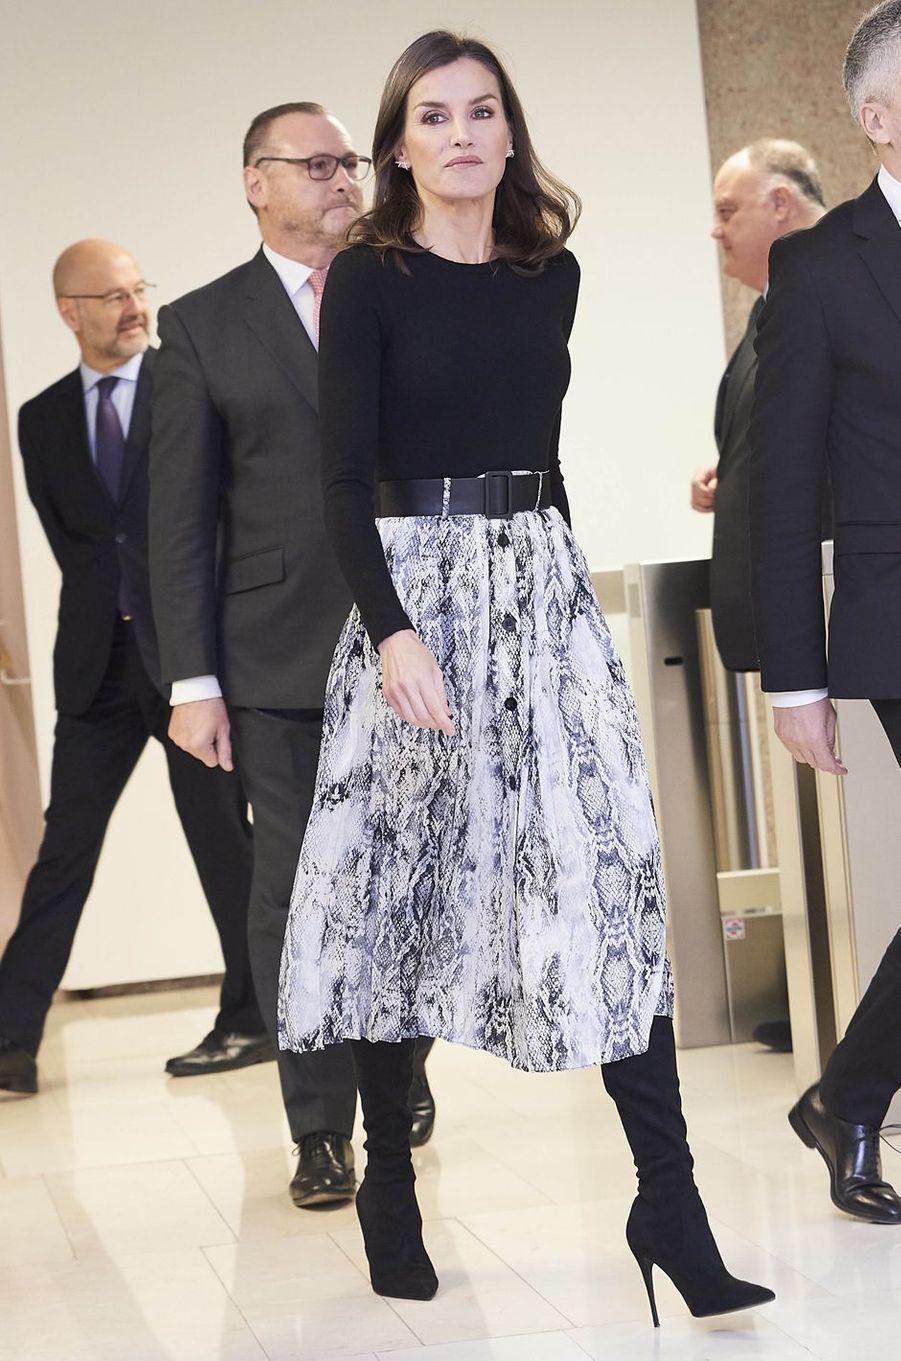 La reine Letizia d'Espagne dans sa jupe à imprimé serpent Zara à Madrid, le 12 décembre 2019